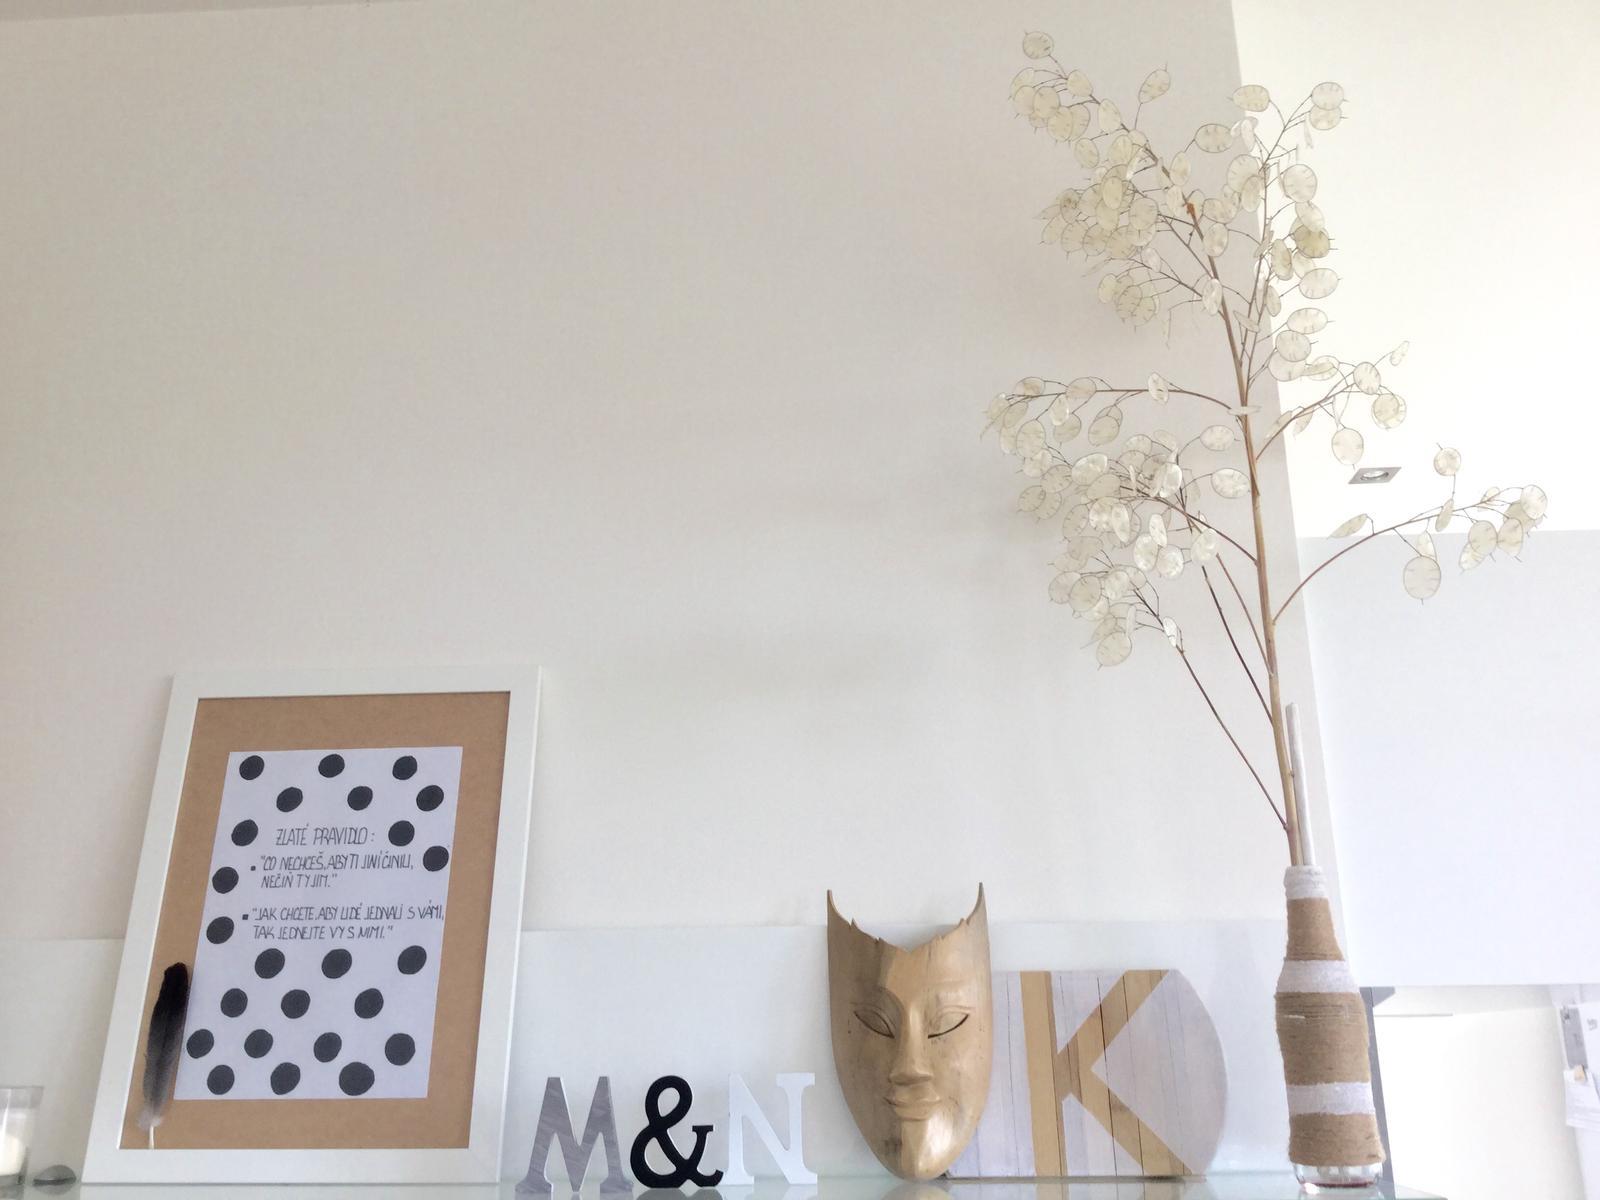 My lovely home 2+kk - Obrázek č. 111